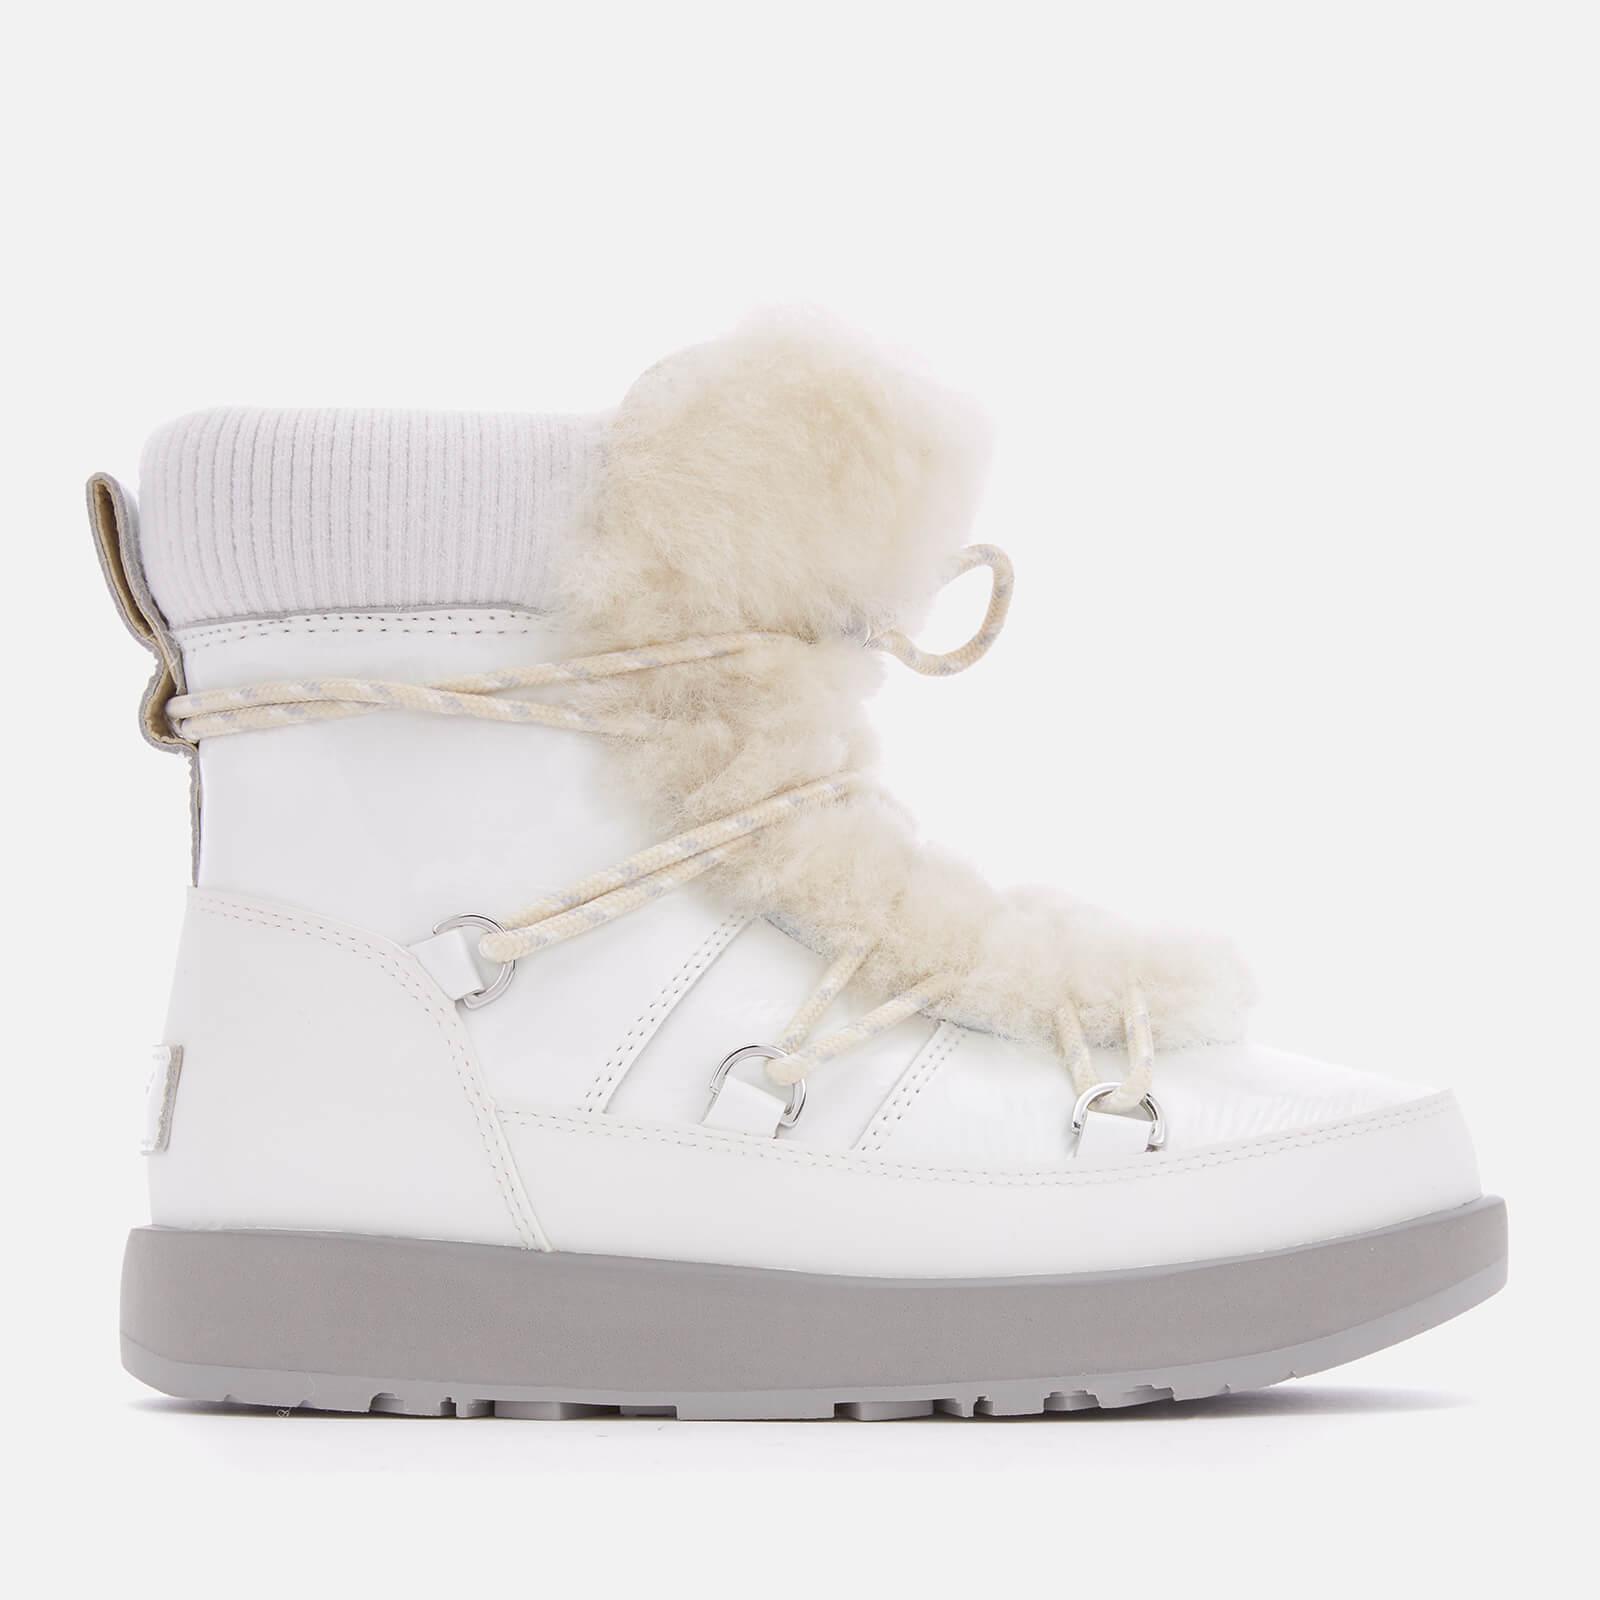 16b701d128d UGG Women's Highland Waterproof Boots - White